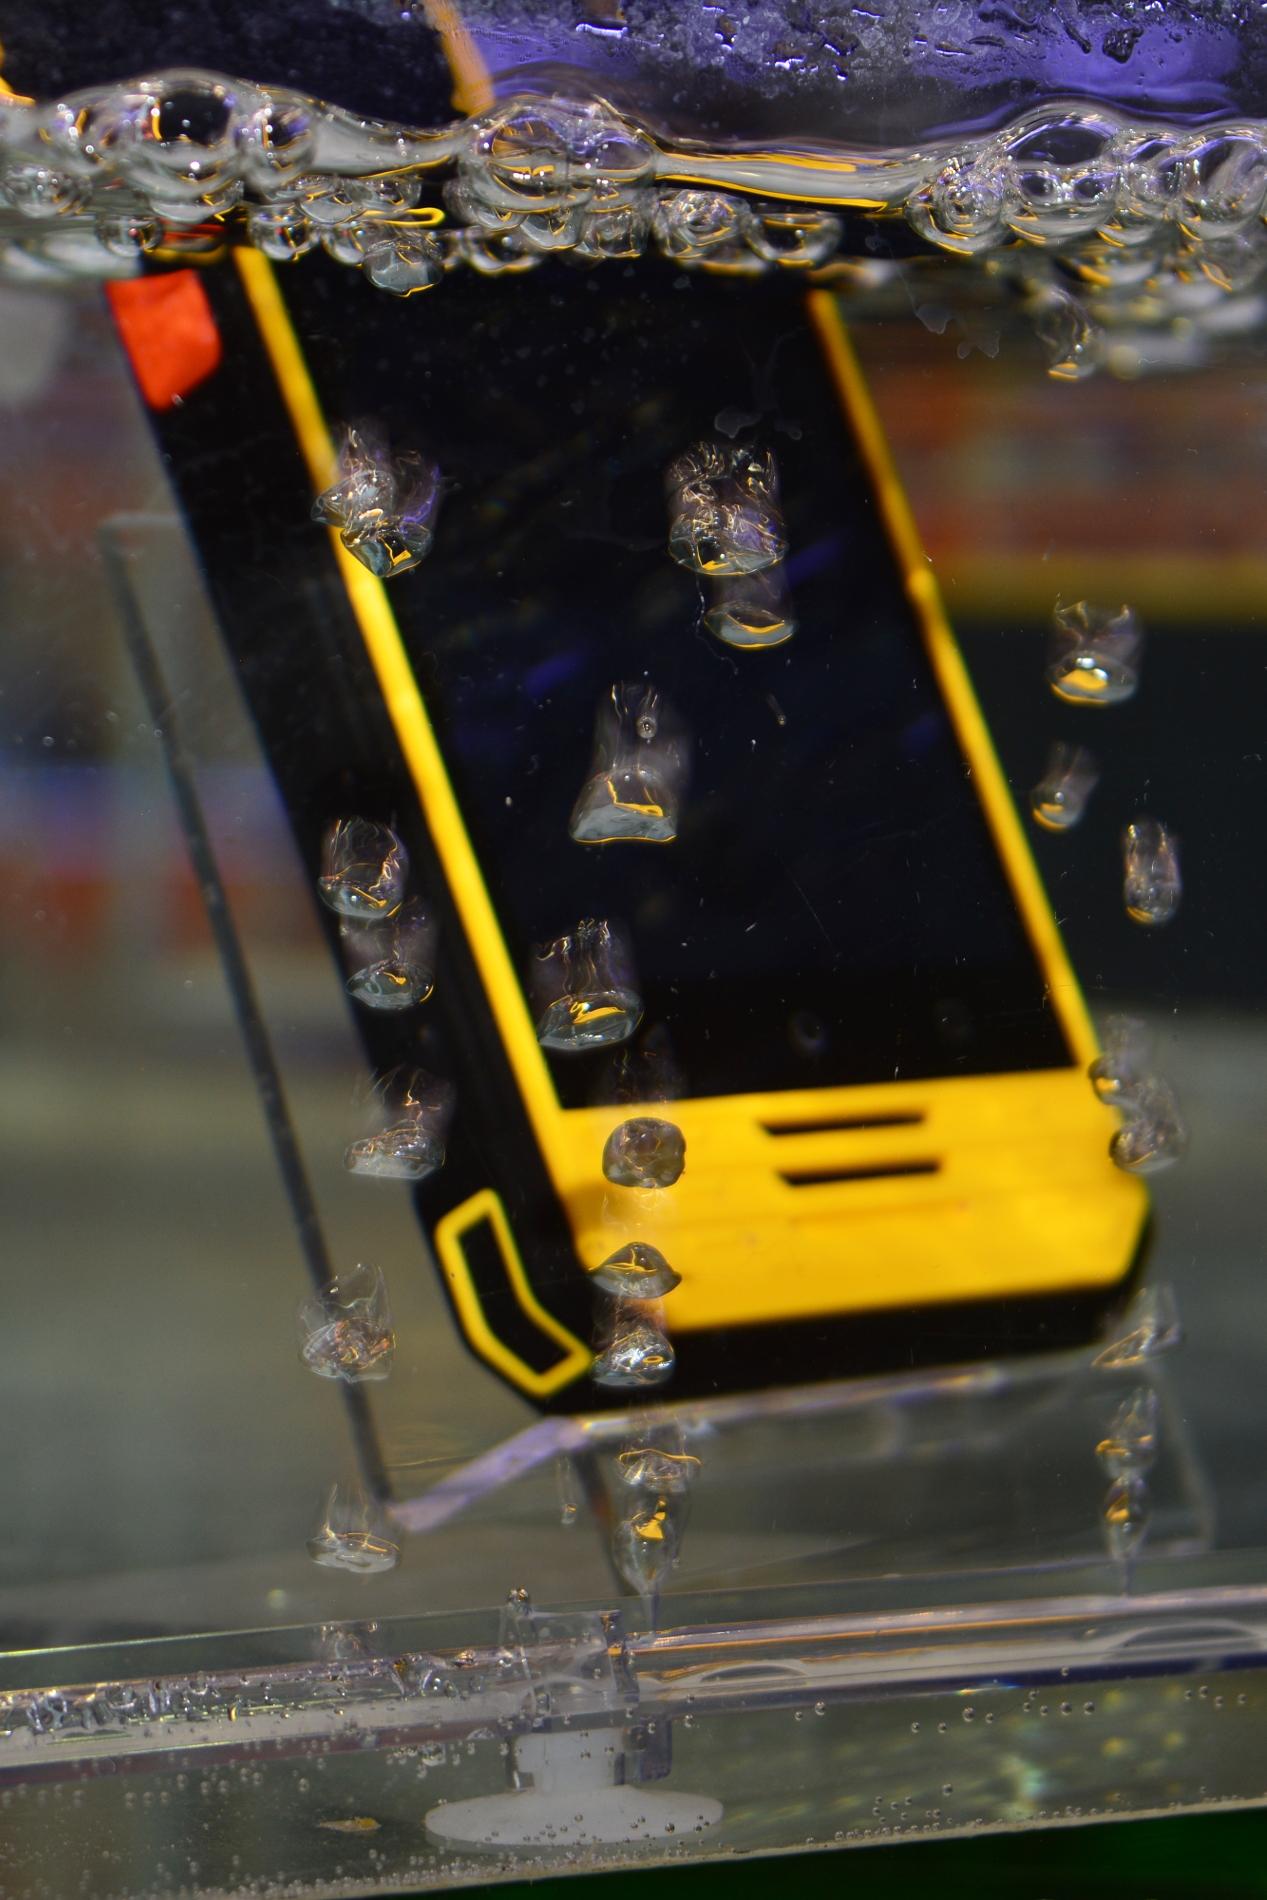 """смартфони Смартфоните през 2018: големи дисплеи, двойната камера е """"стандарт"""" А1 Блог"""